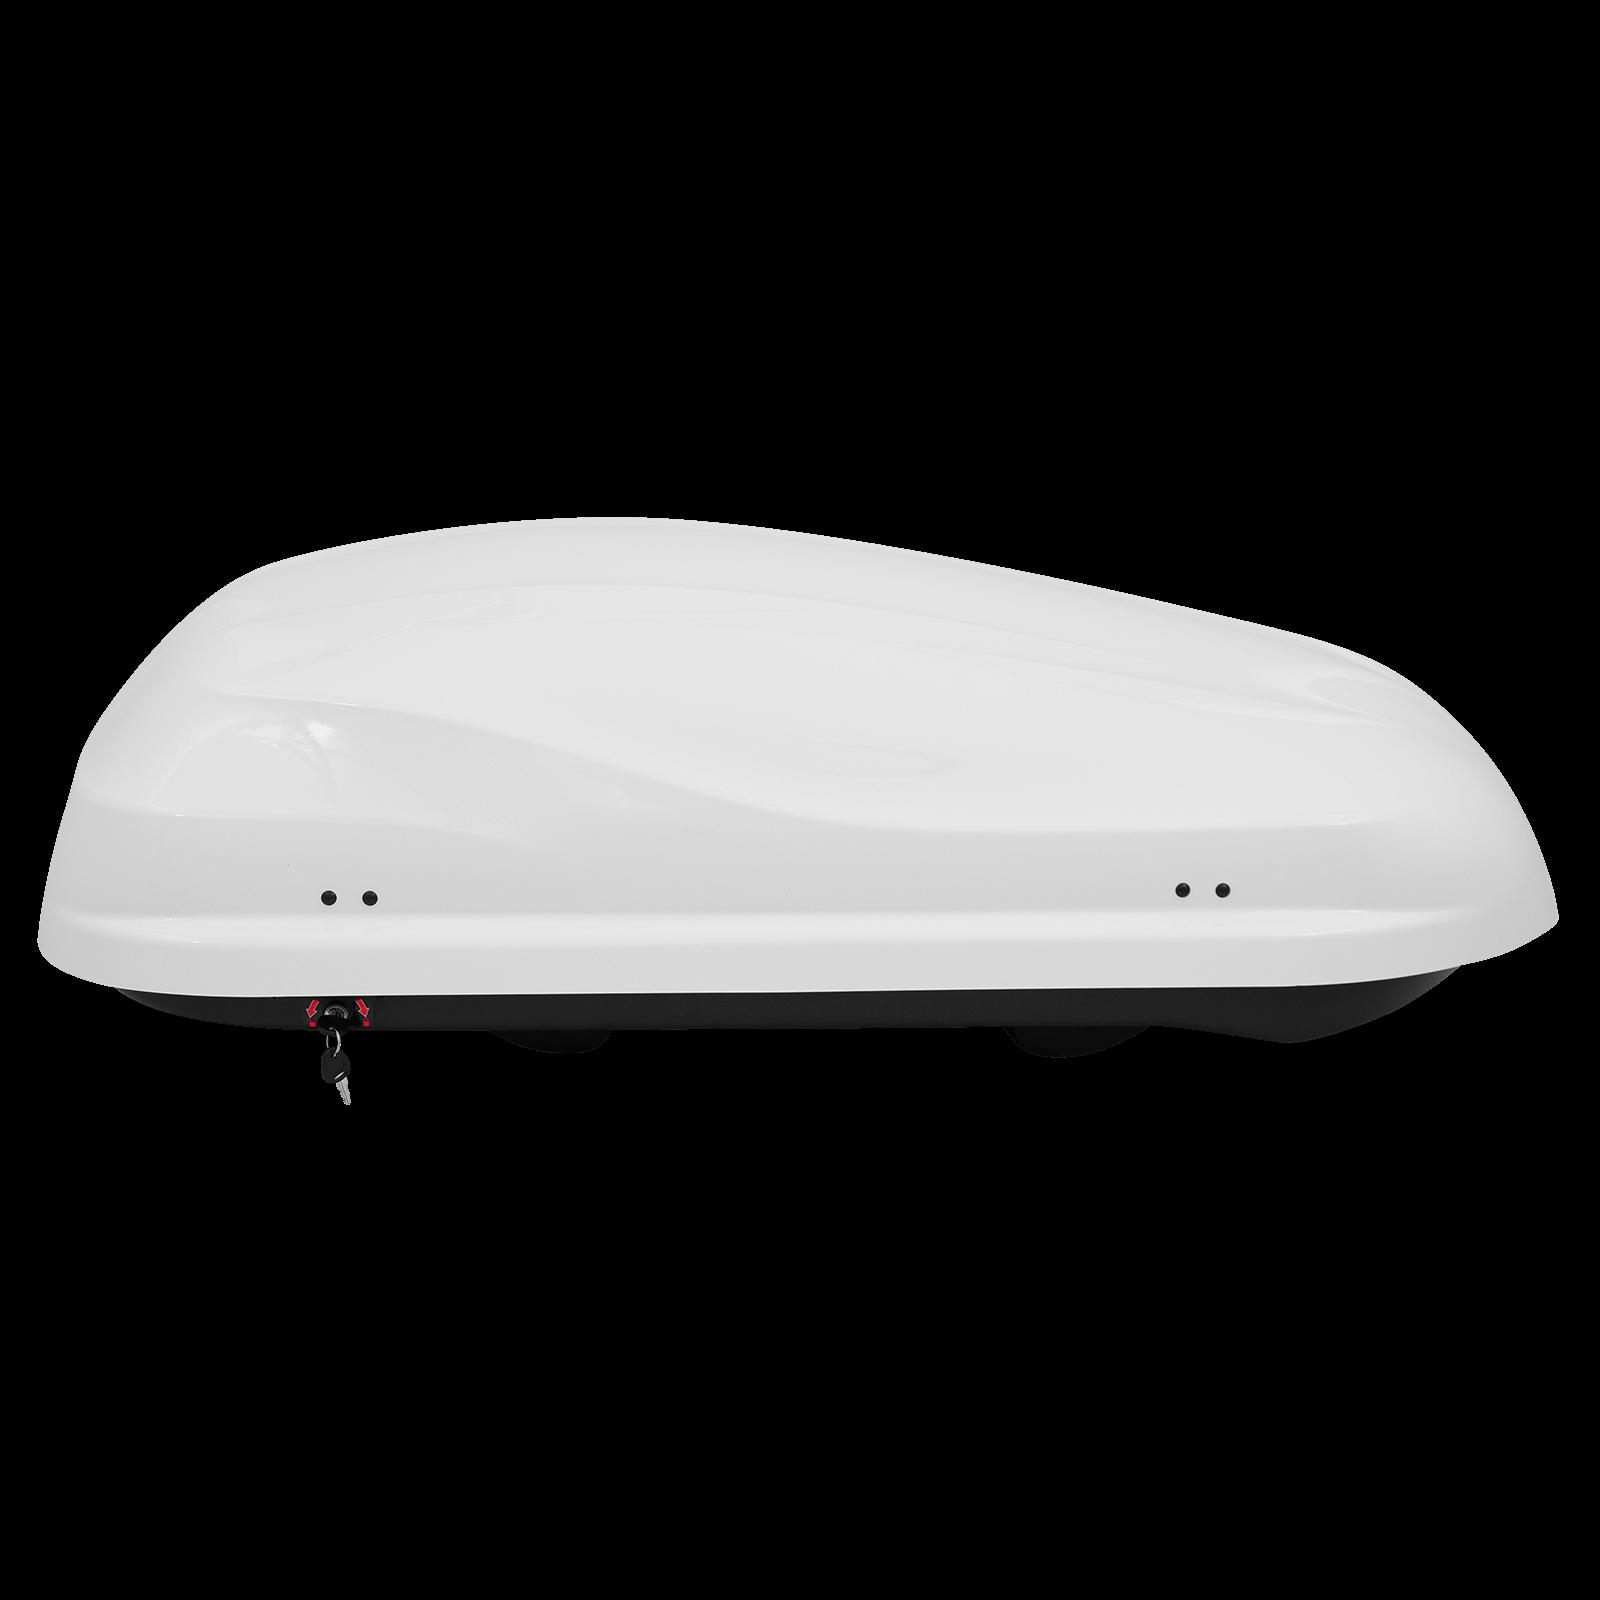 Dachbox Junior Altro 370 weiß glänzend - Bild 4